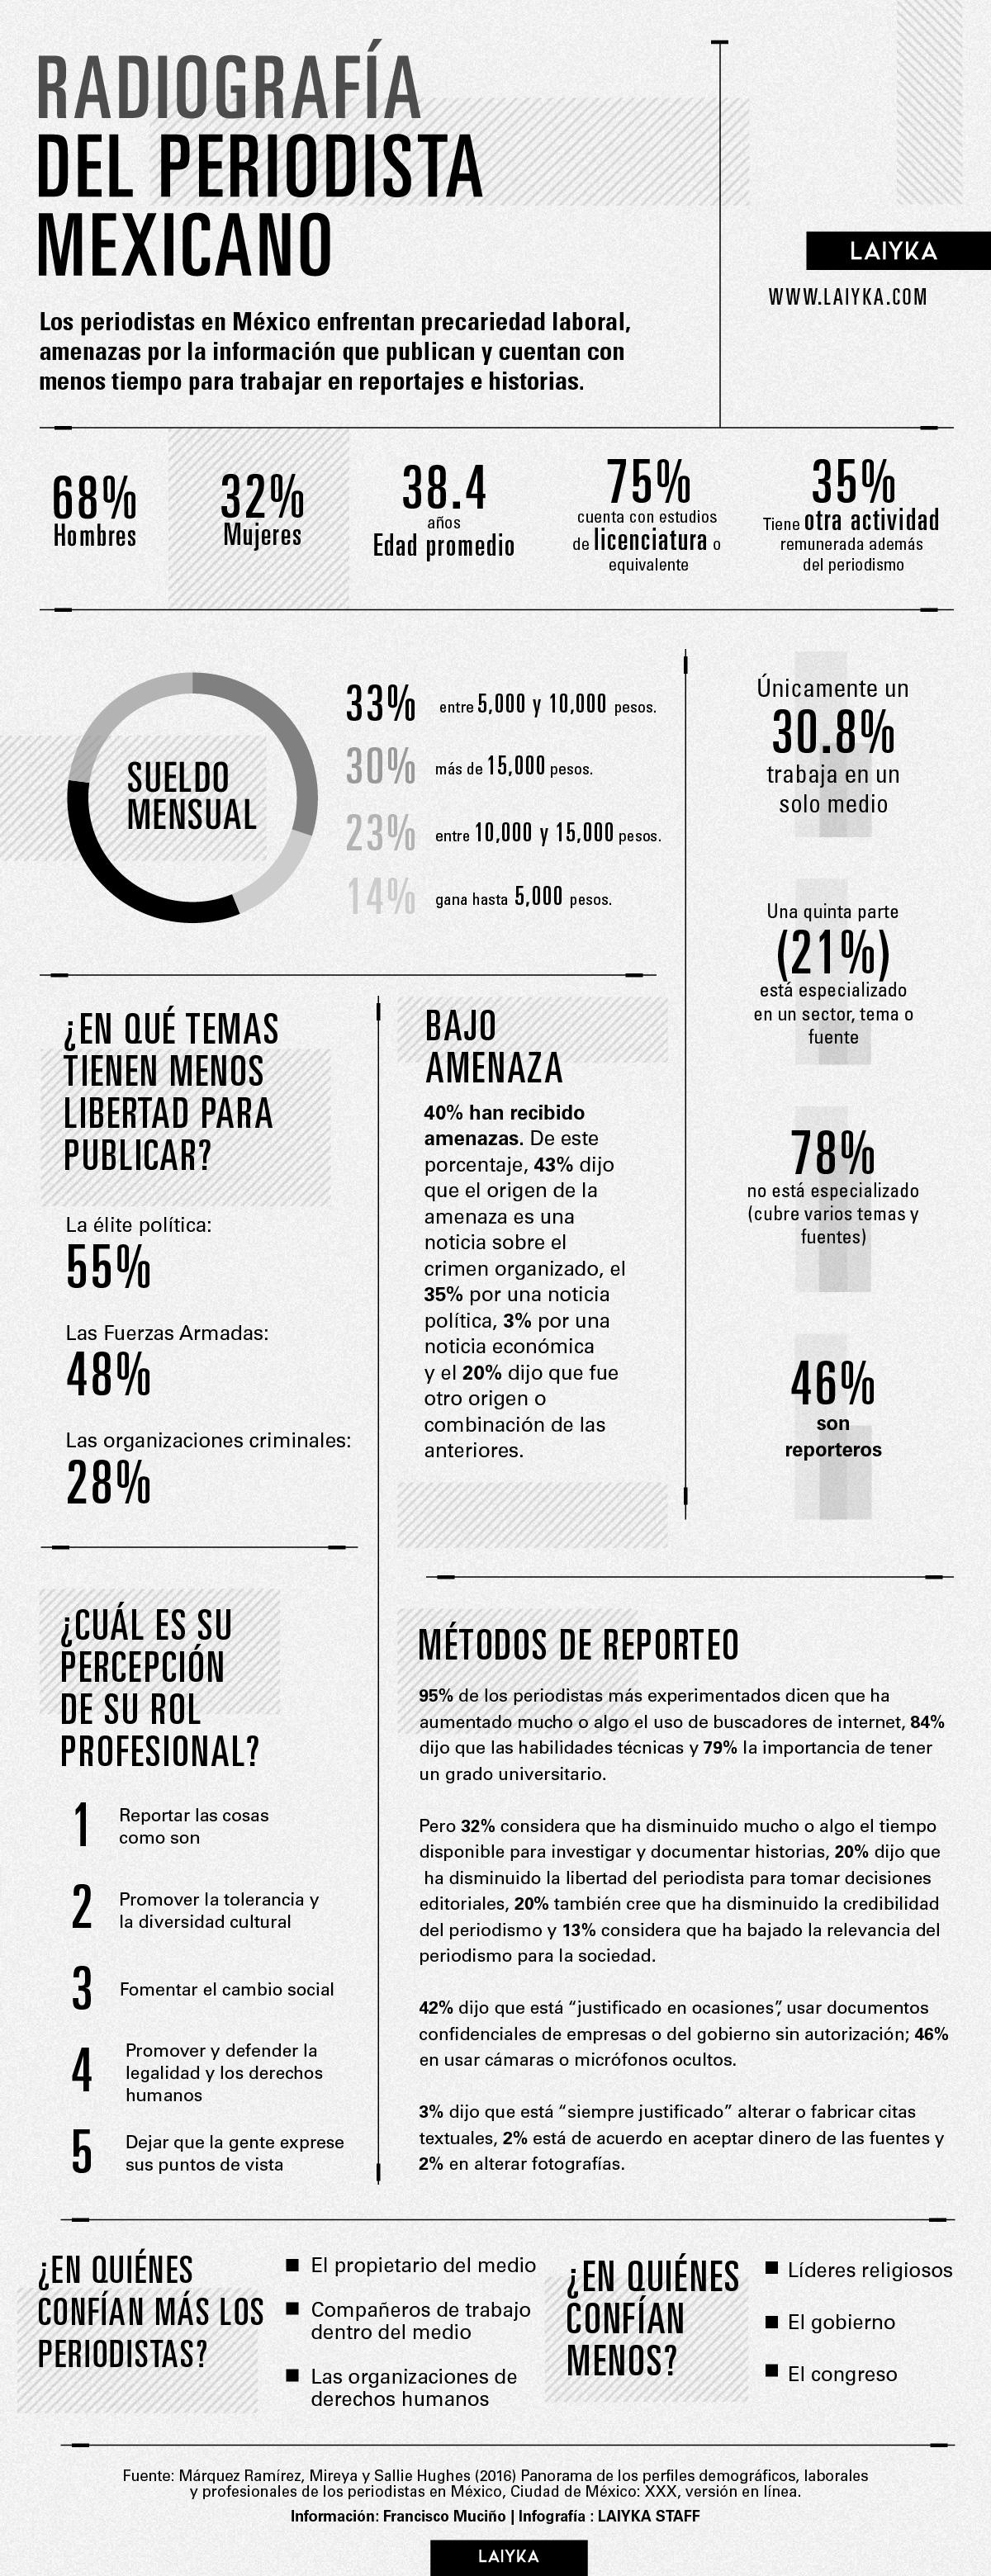 Radiografía del periodista mexicano